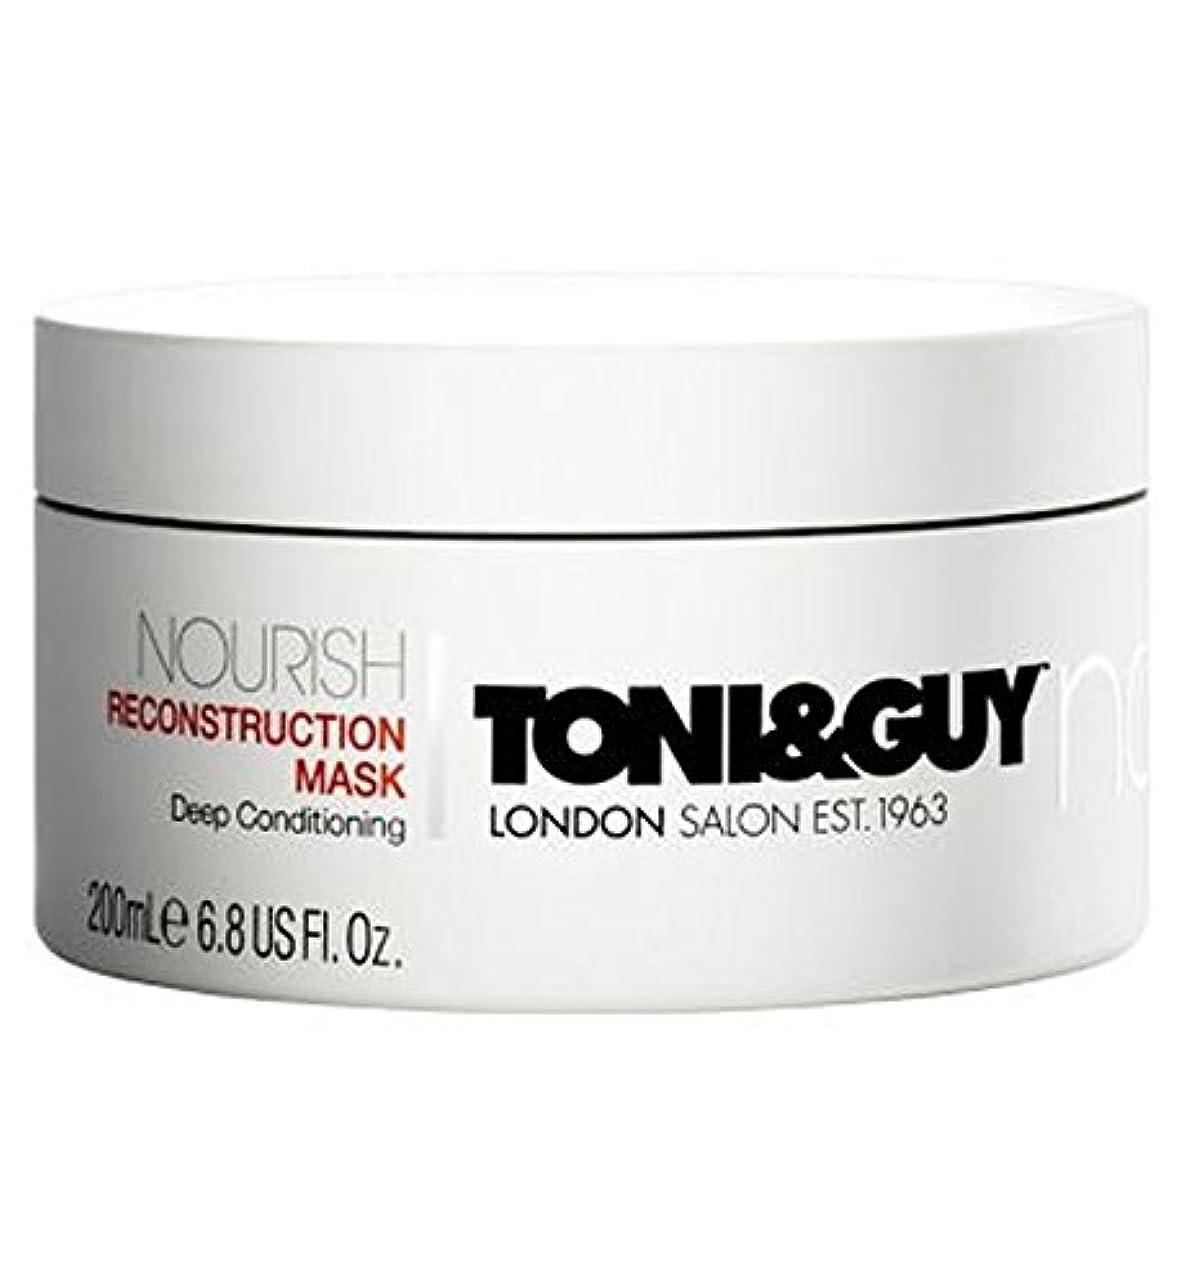 石灰岩メンテナンス安らぎトニ&男は復興マスク200ミリリットルを養います (Toni & Guy) (x2) - Toni&Guy Nourish Reconstruction Mask 200ml (Pack of 2) [並行輸入品]